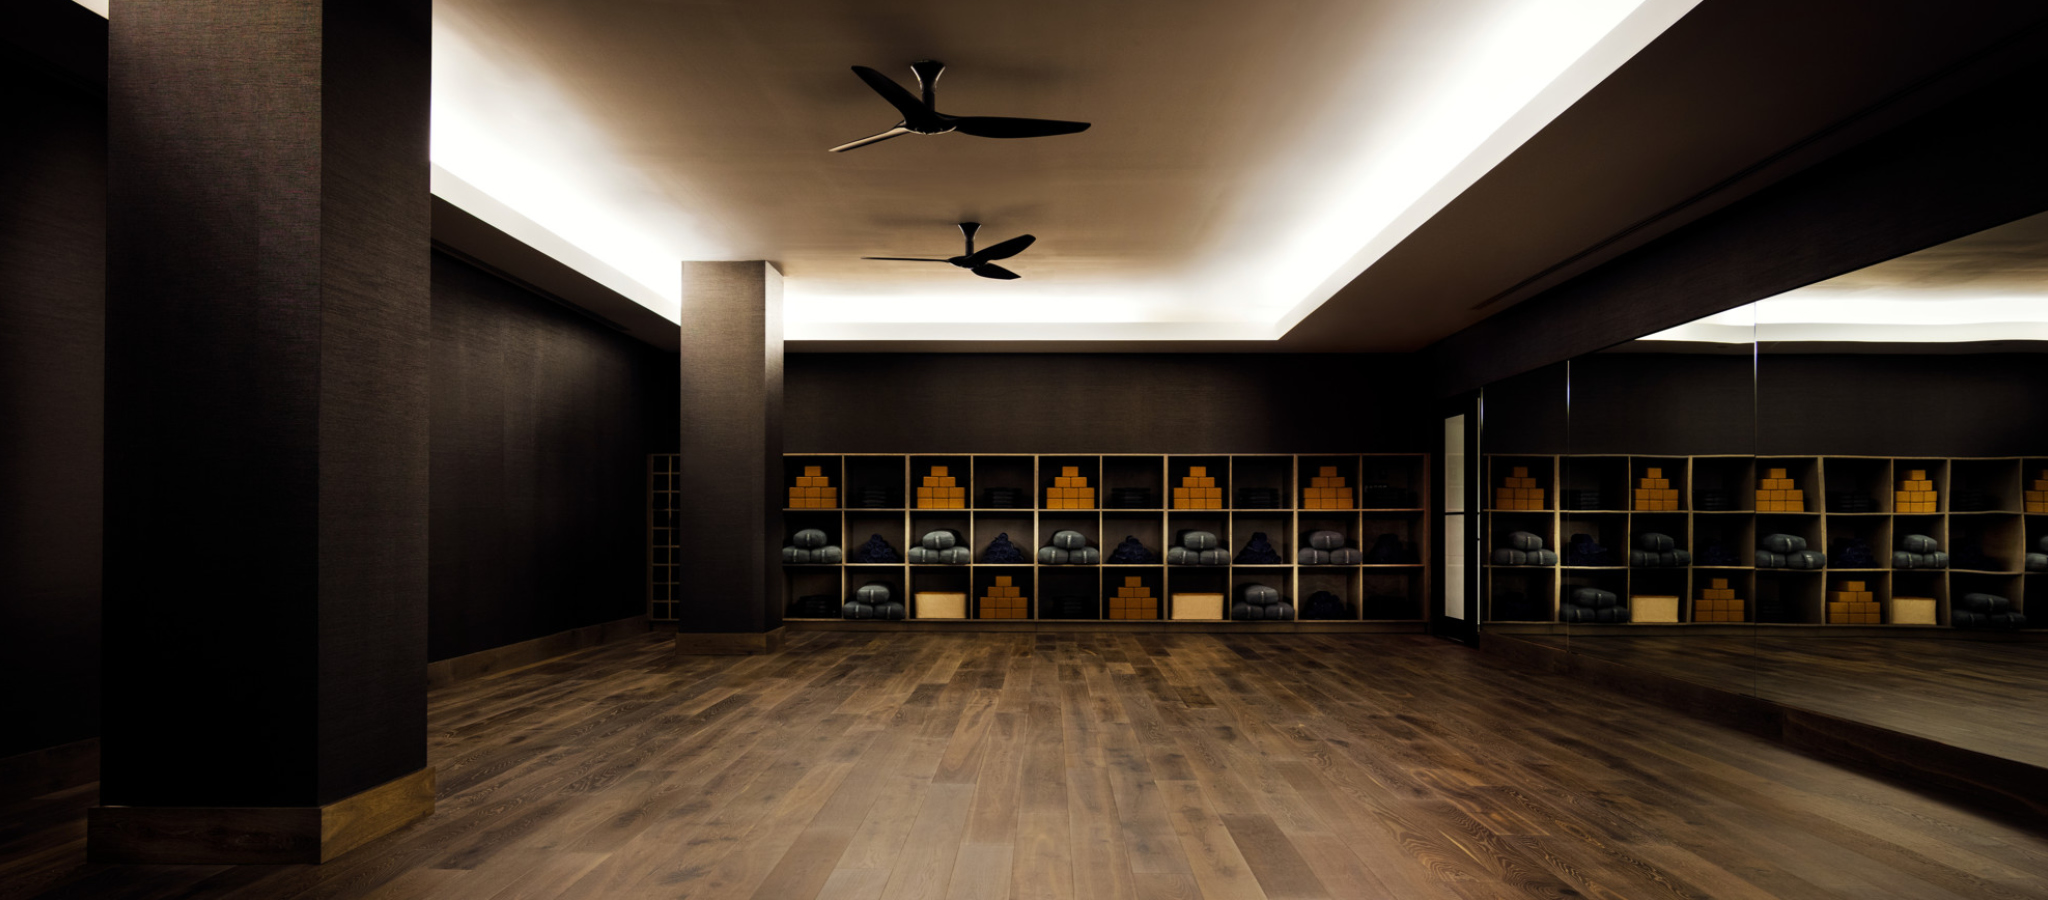 Gramercy Gym Nyc Fitness Club With Yoga Pilates Studios